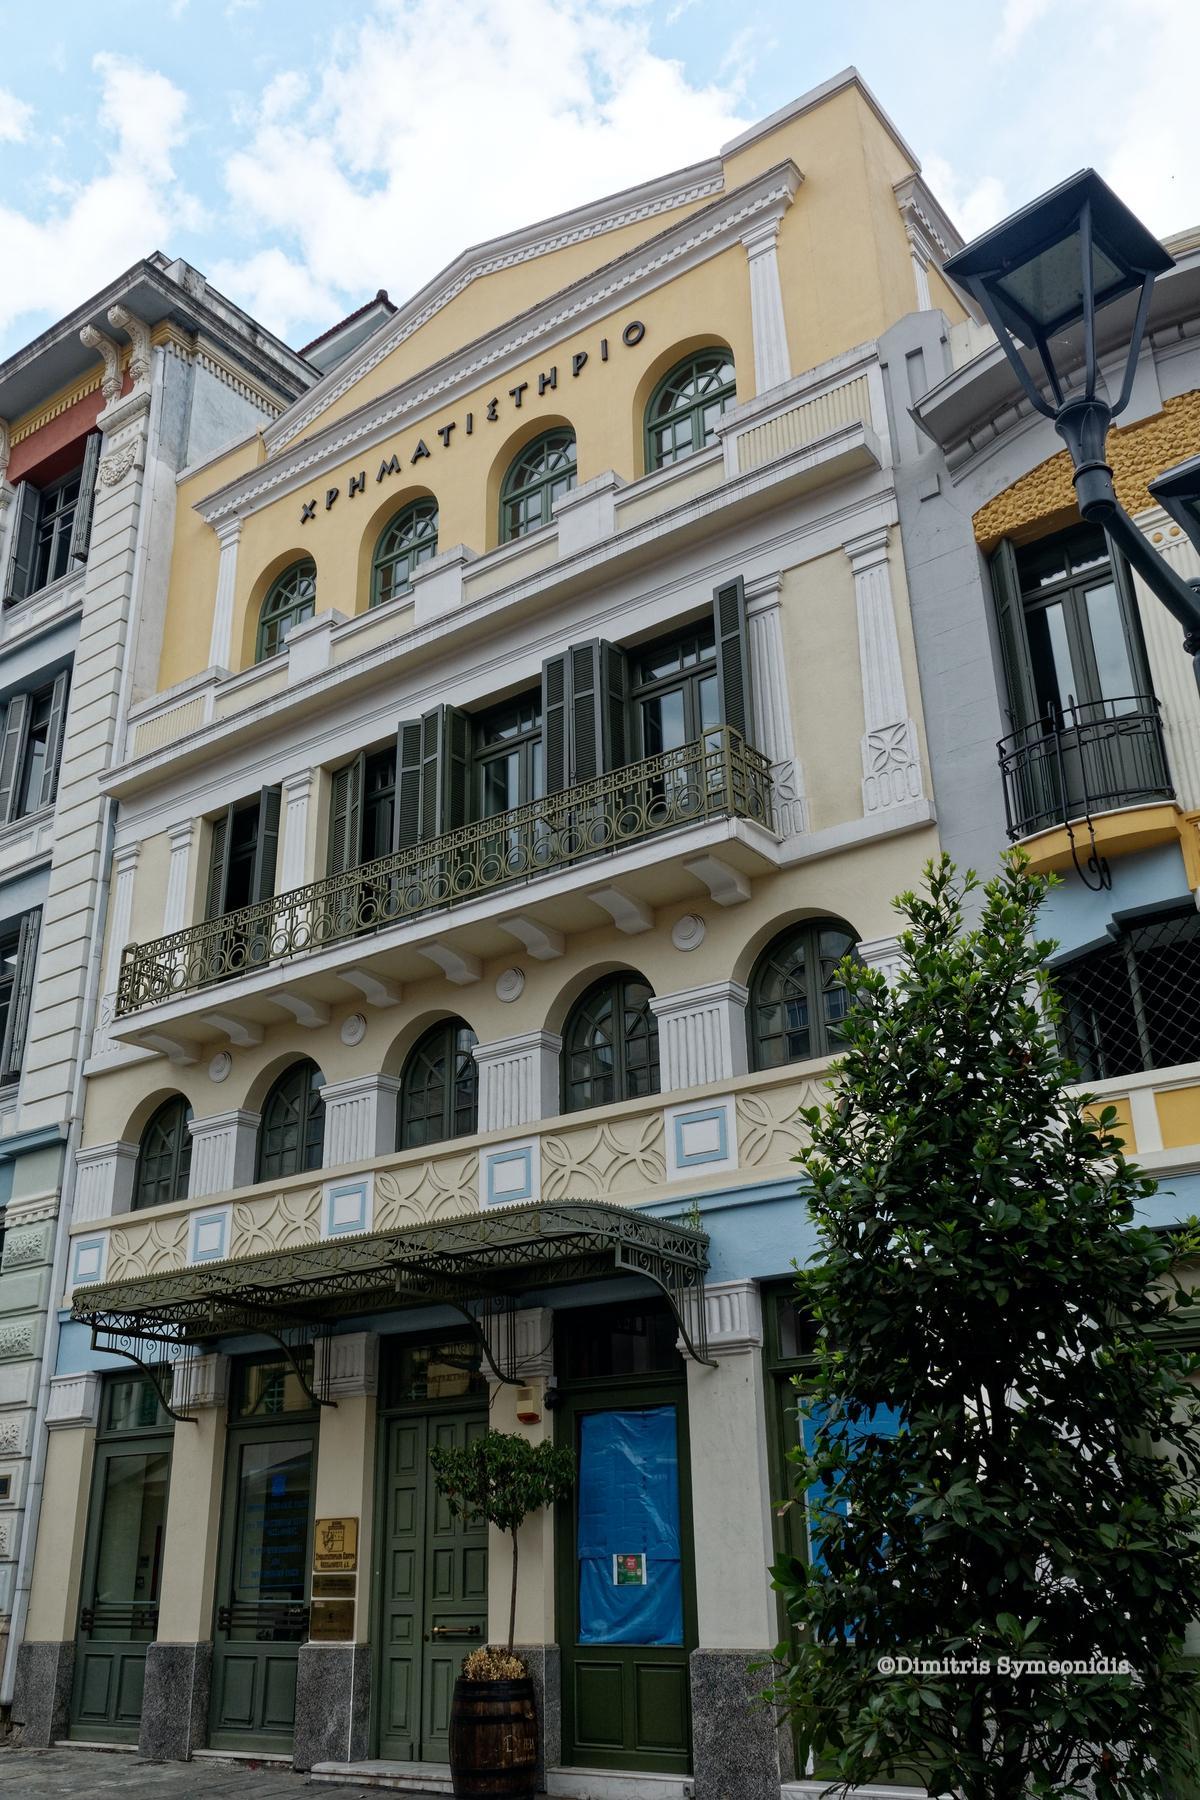 Κτήριο Χρηματιστηρίου στα Λαδάδικα, Θεσσαλονίκη